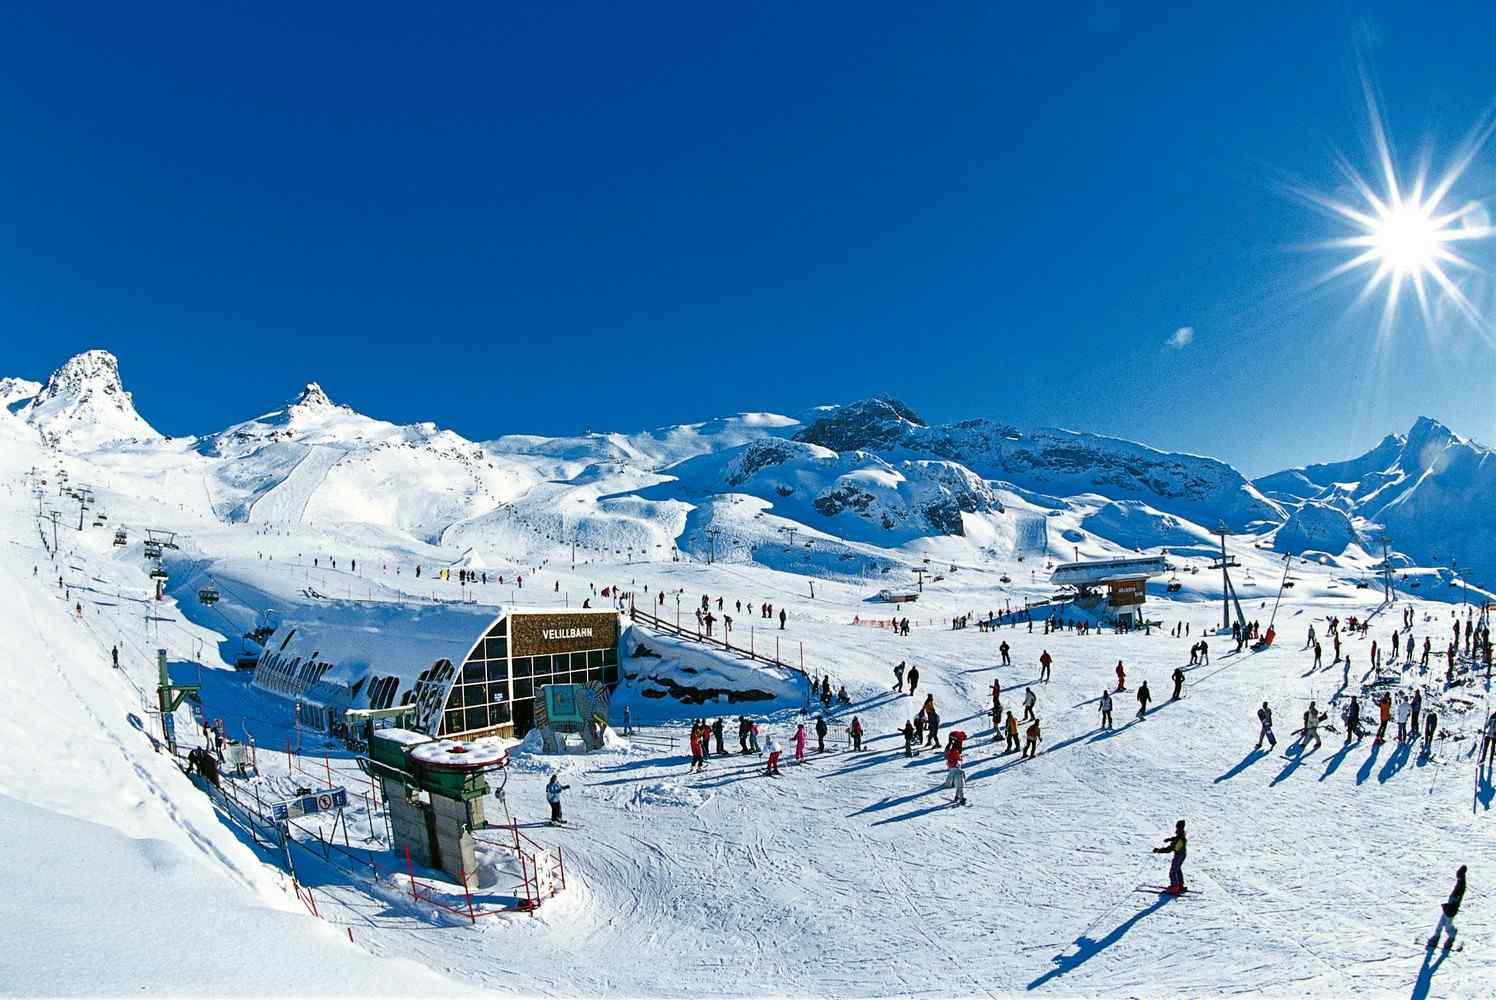 https://www.hotelcasamia.com.mx/wp-content/uploads/2016/02/winter-activities_08.jpg